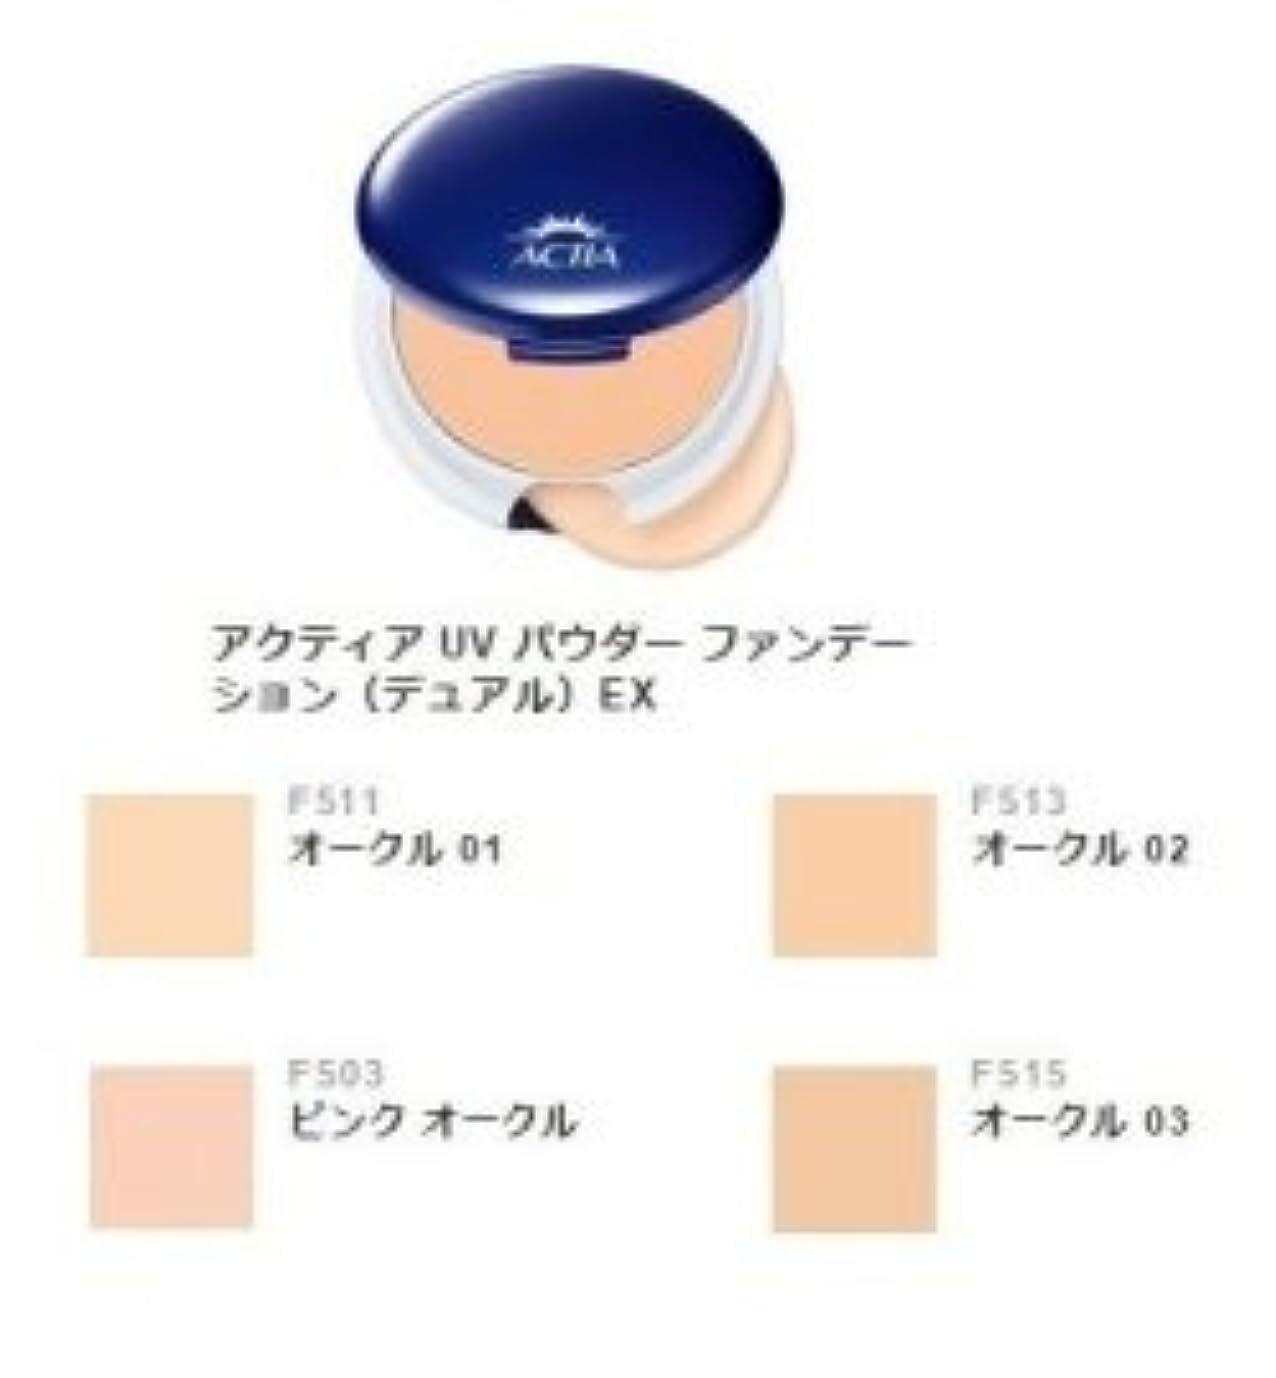 限定拒絶する放射能エイボン(AVON) アクティア UV パウダーファンデーション(デュアル)EX(リフィル)F515 オークル03